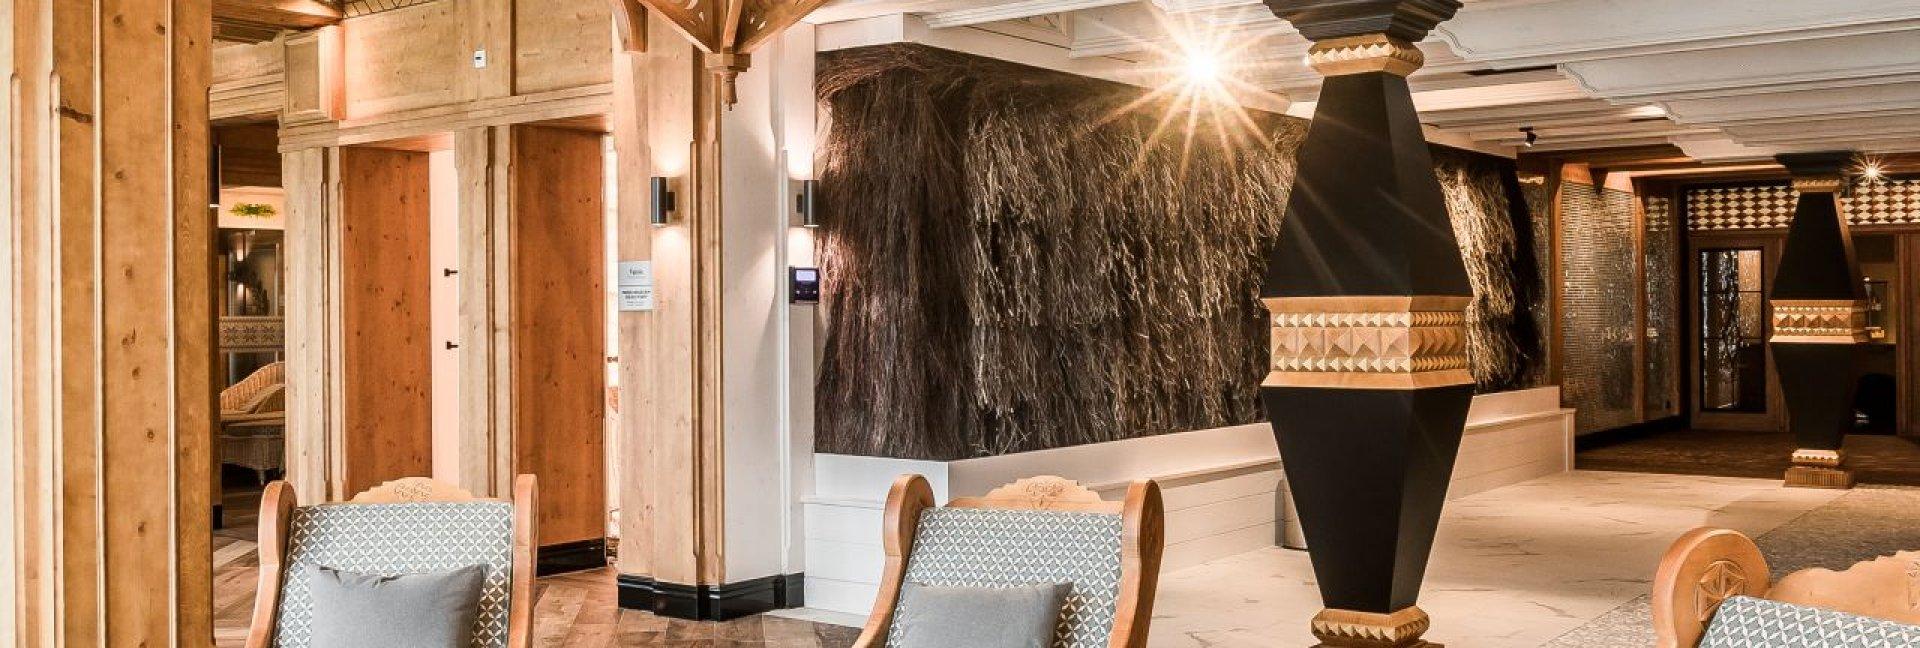 Zmiana godzin otwarcia saun w strefie Relaksu